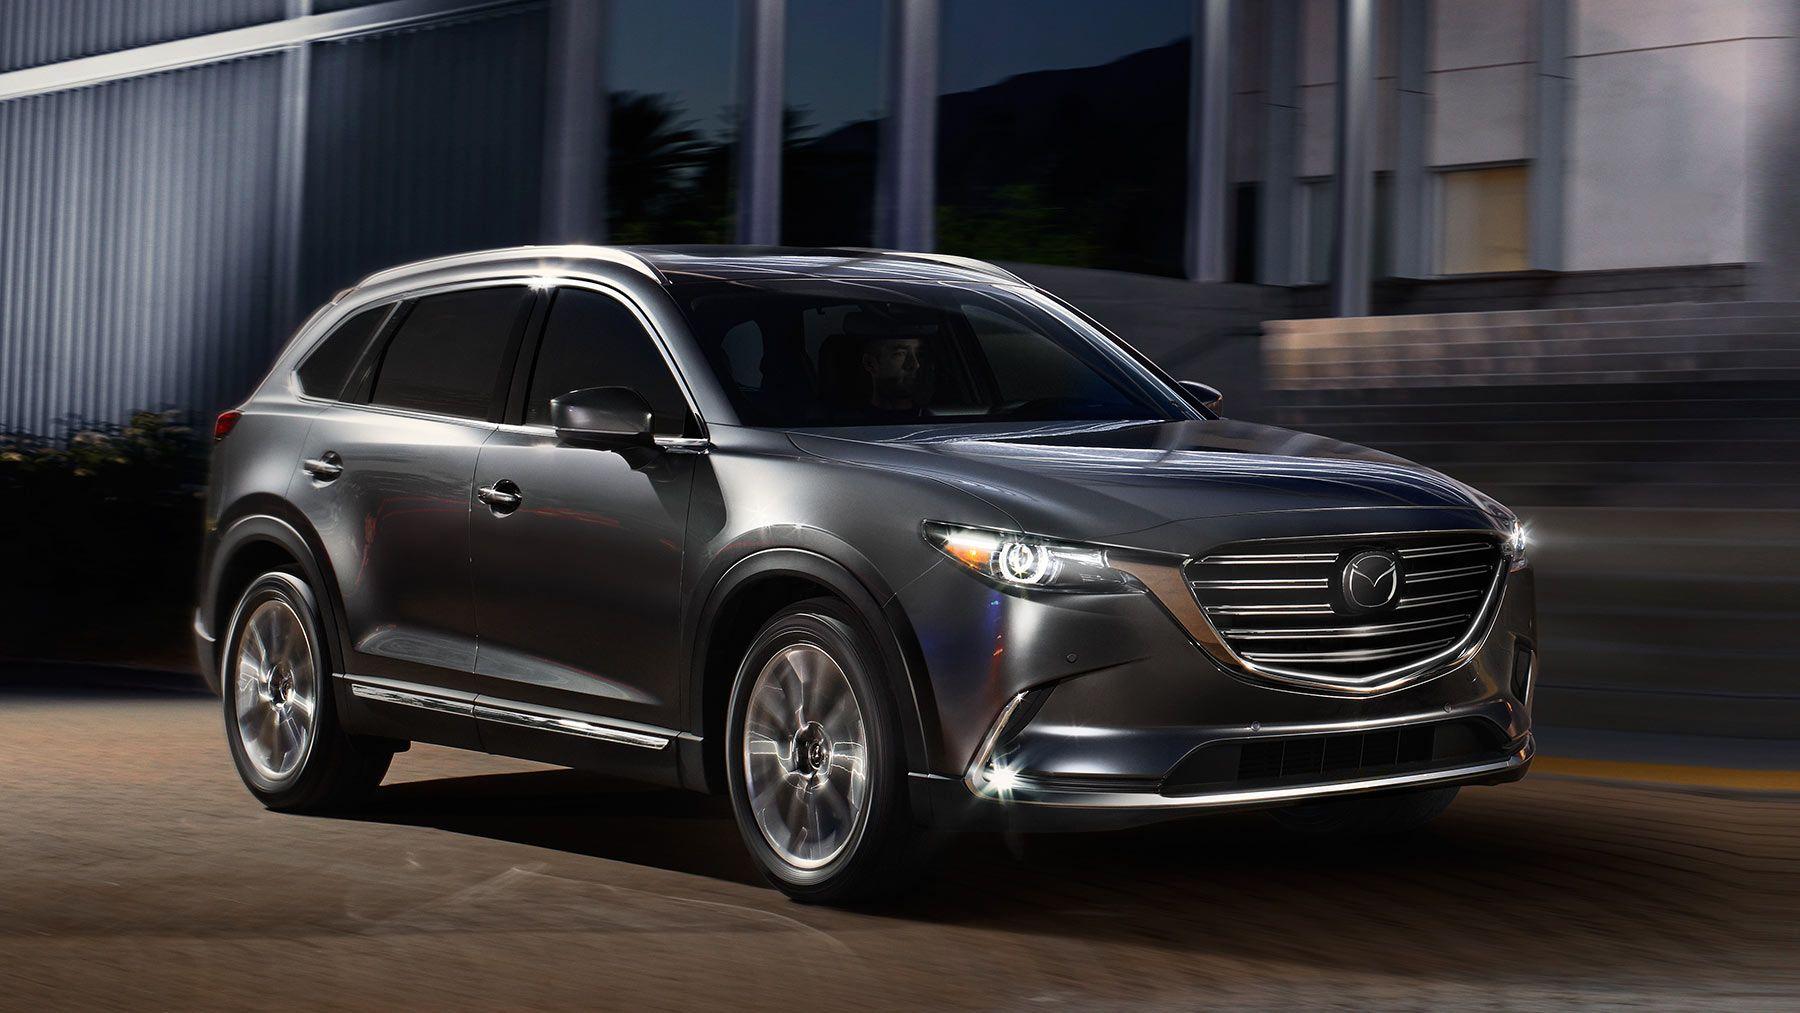 2018 Mazda Cx 9 Seriously Close To Perfect Mazda Cx 9 Best Suv Mazda